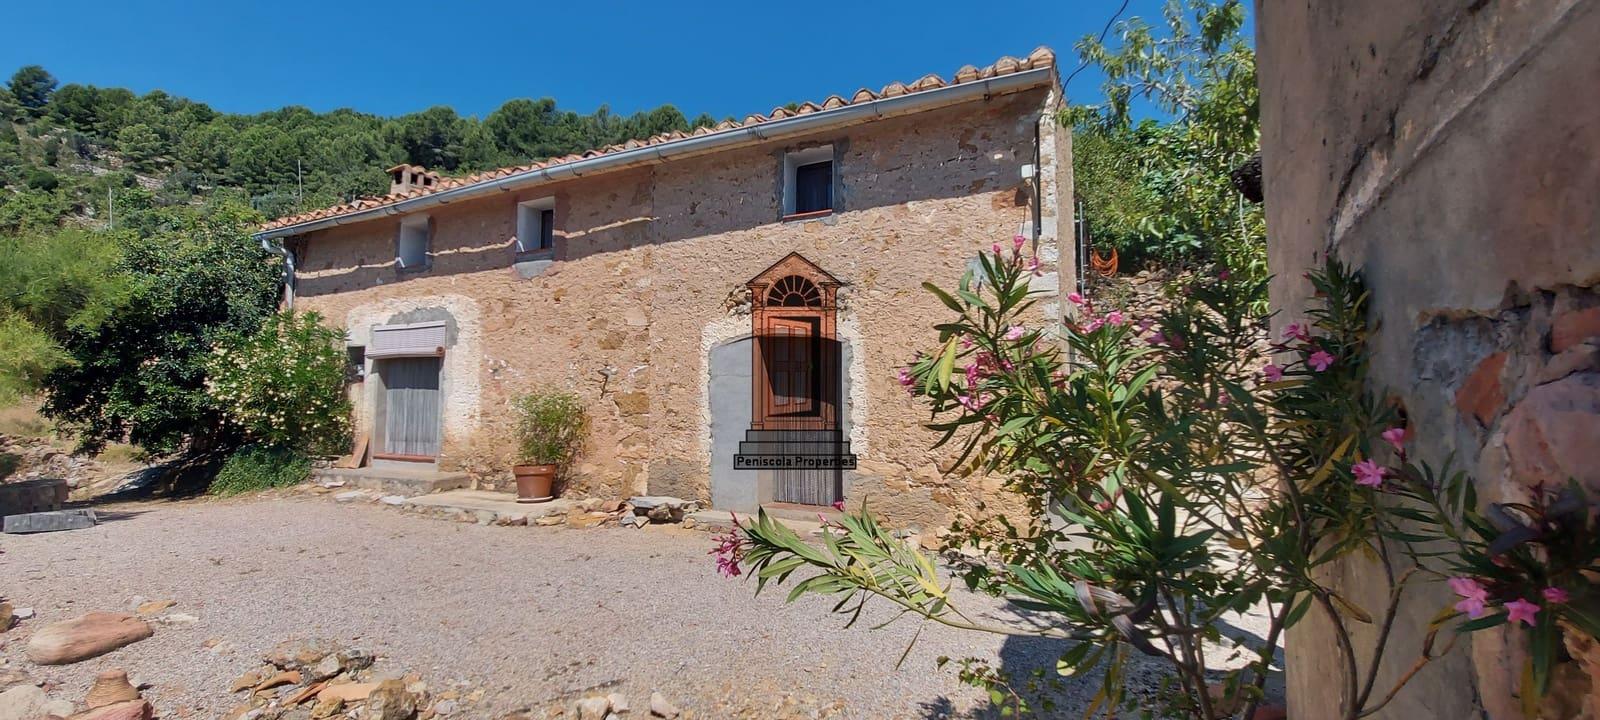 Pensión/Hostal de 3 habitaciones en Los Ibarzos / Els Ibarsos en venta con garaje - 95.000 € (Ref: 5091583)